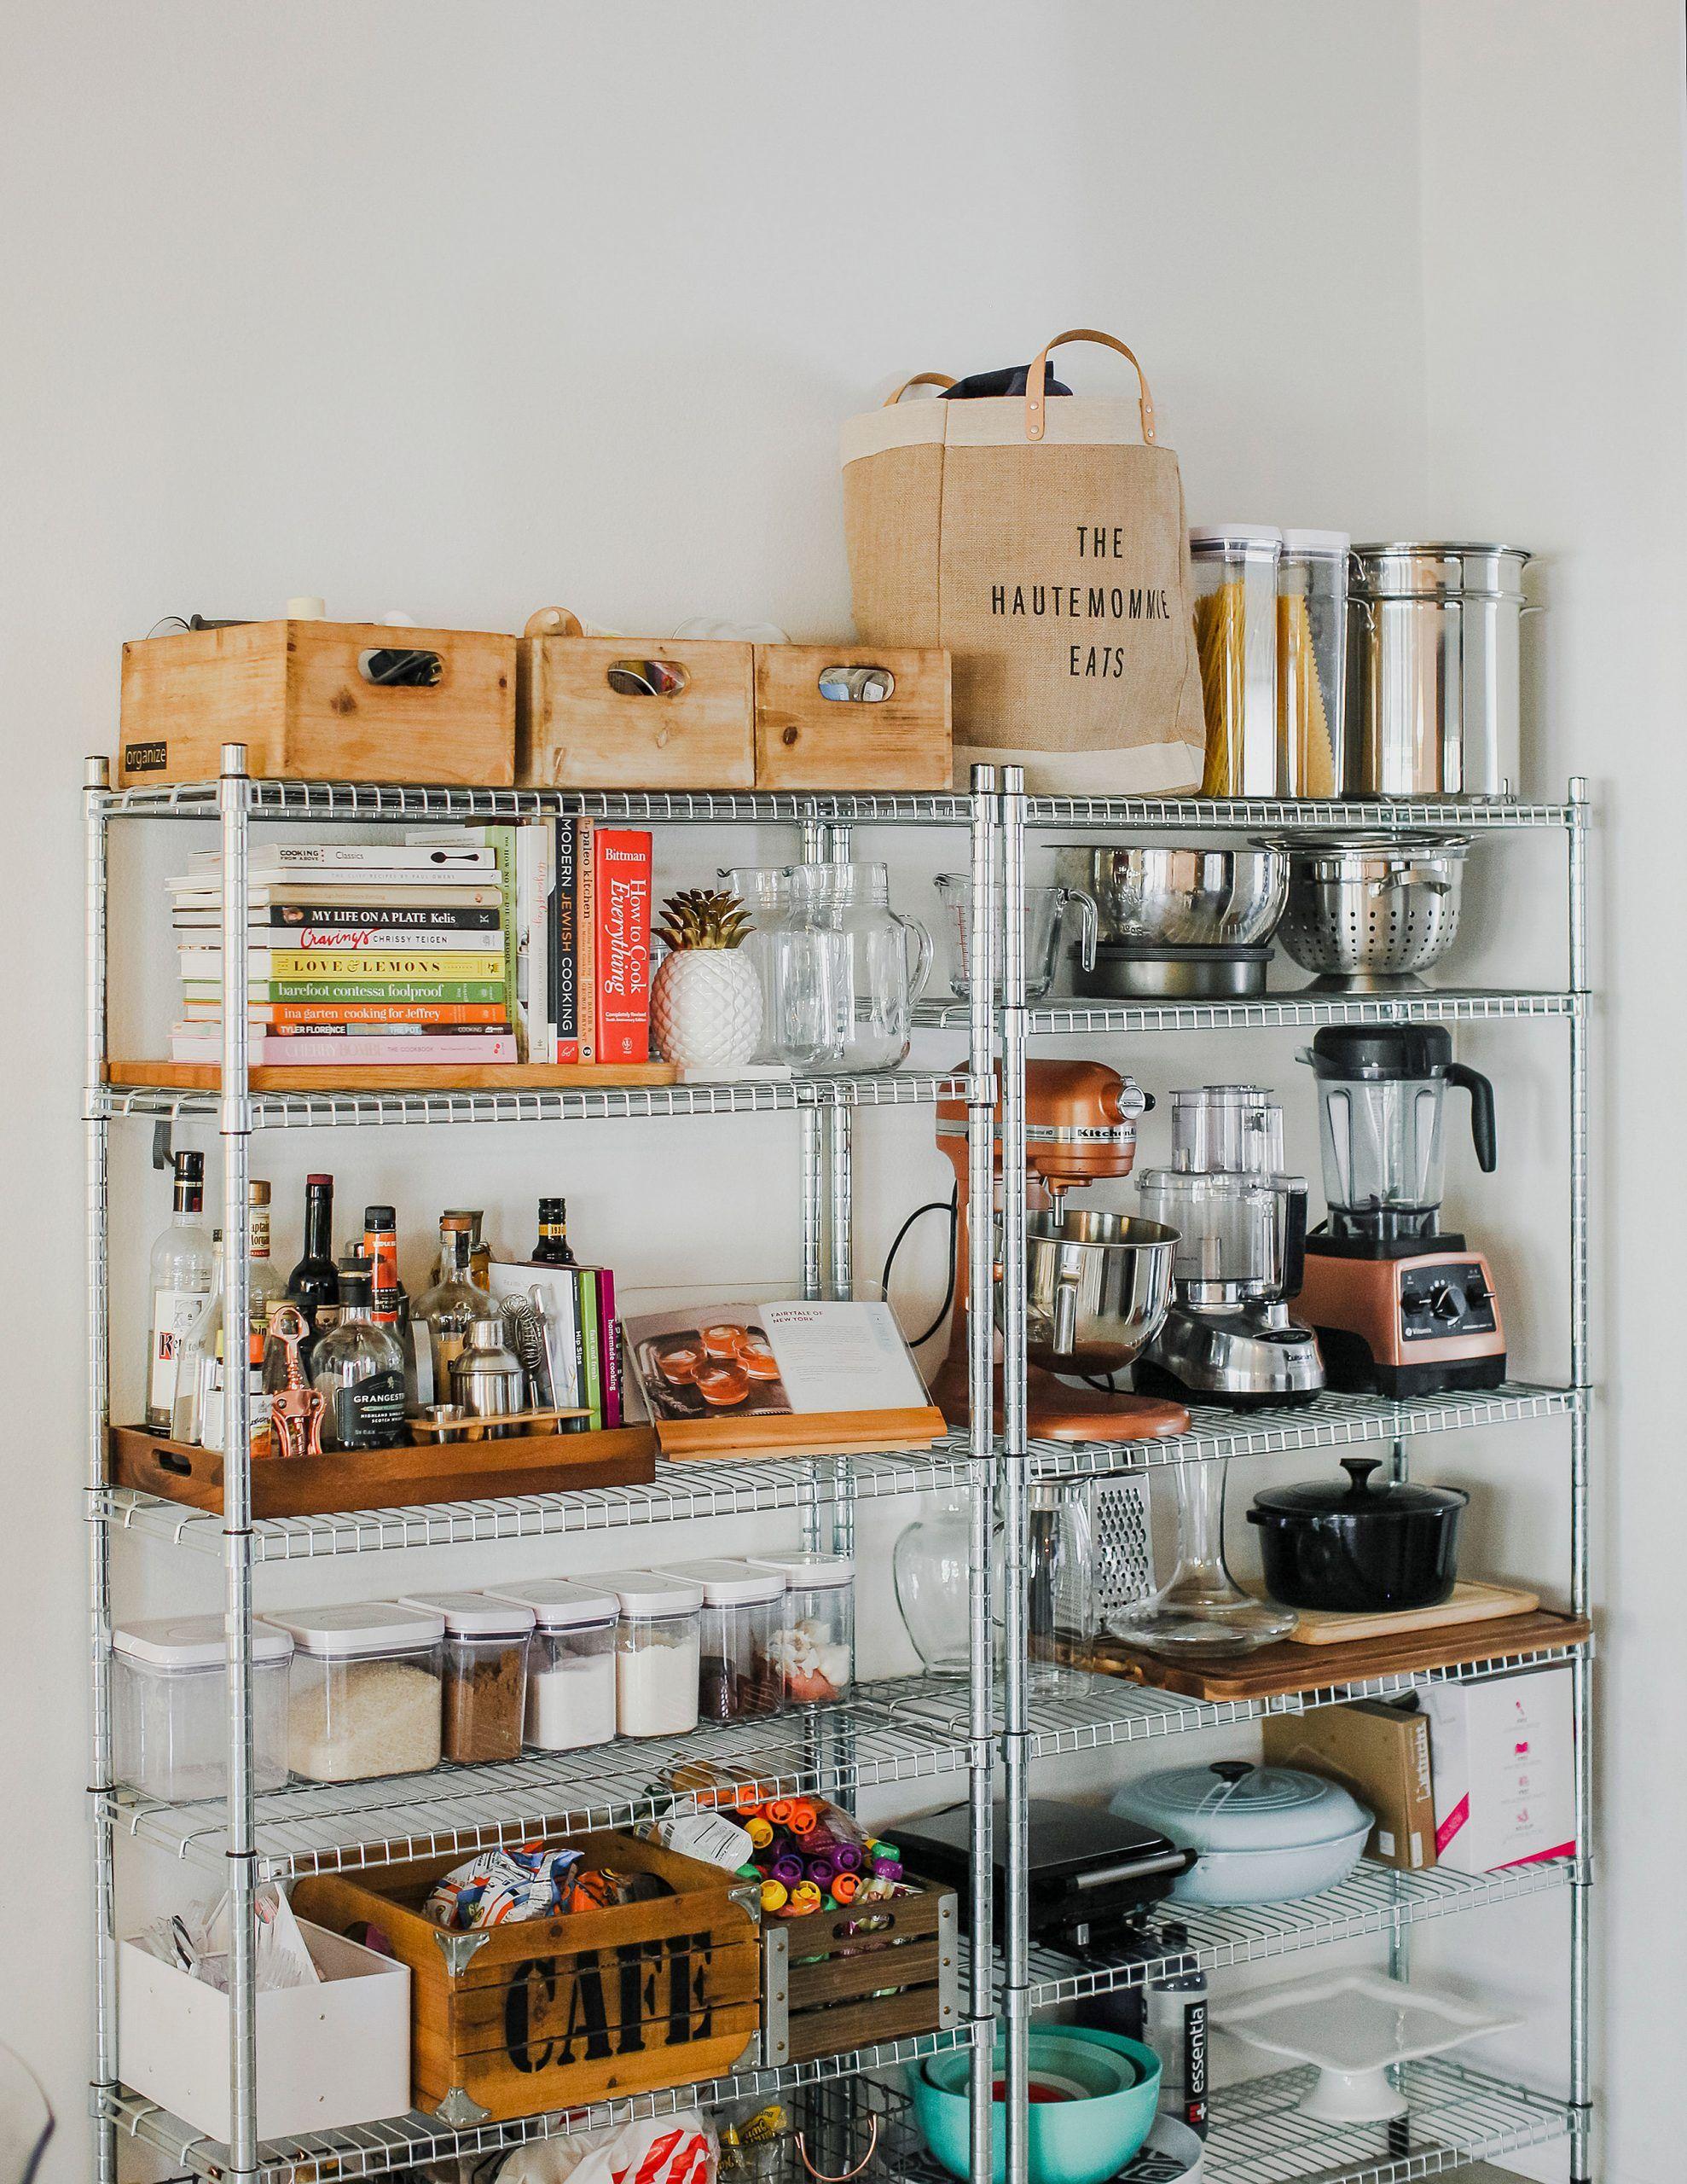 12 Chic Must Have Kitchen Items From Ikea The Hautemommie Kitchen Storage Organization Diy Diy Kitchen Storage Ikea Kitchen Shelves